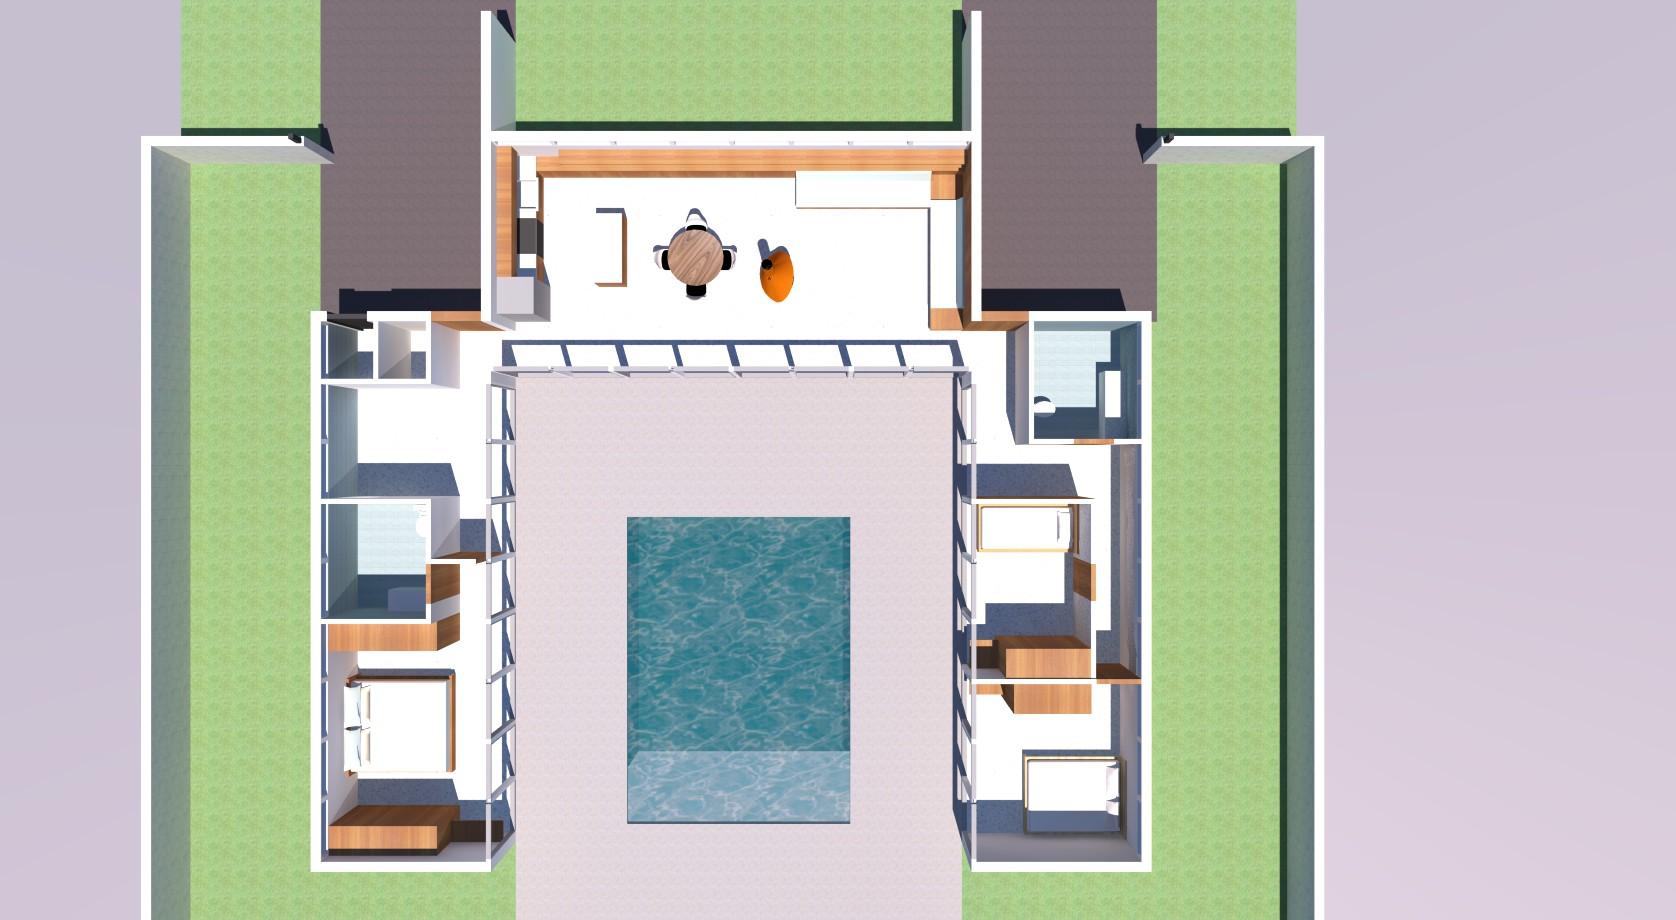 Residential floorplan rednering